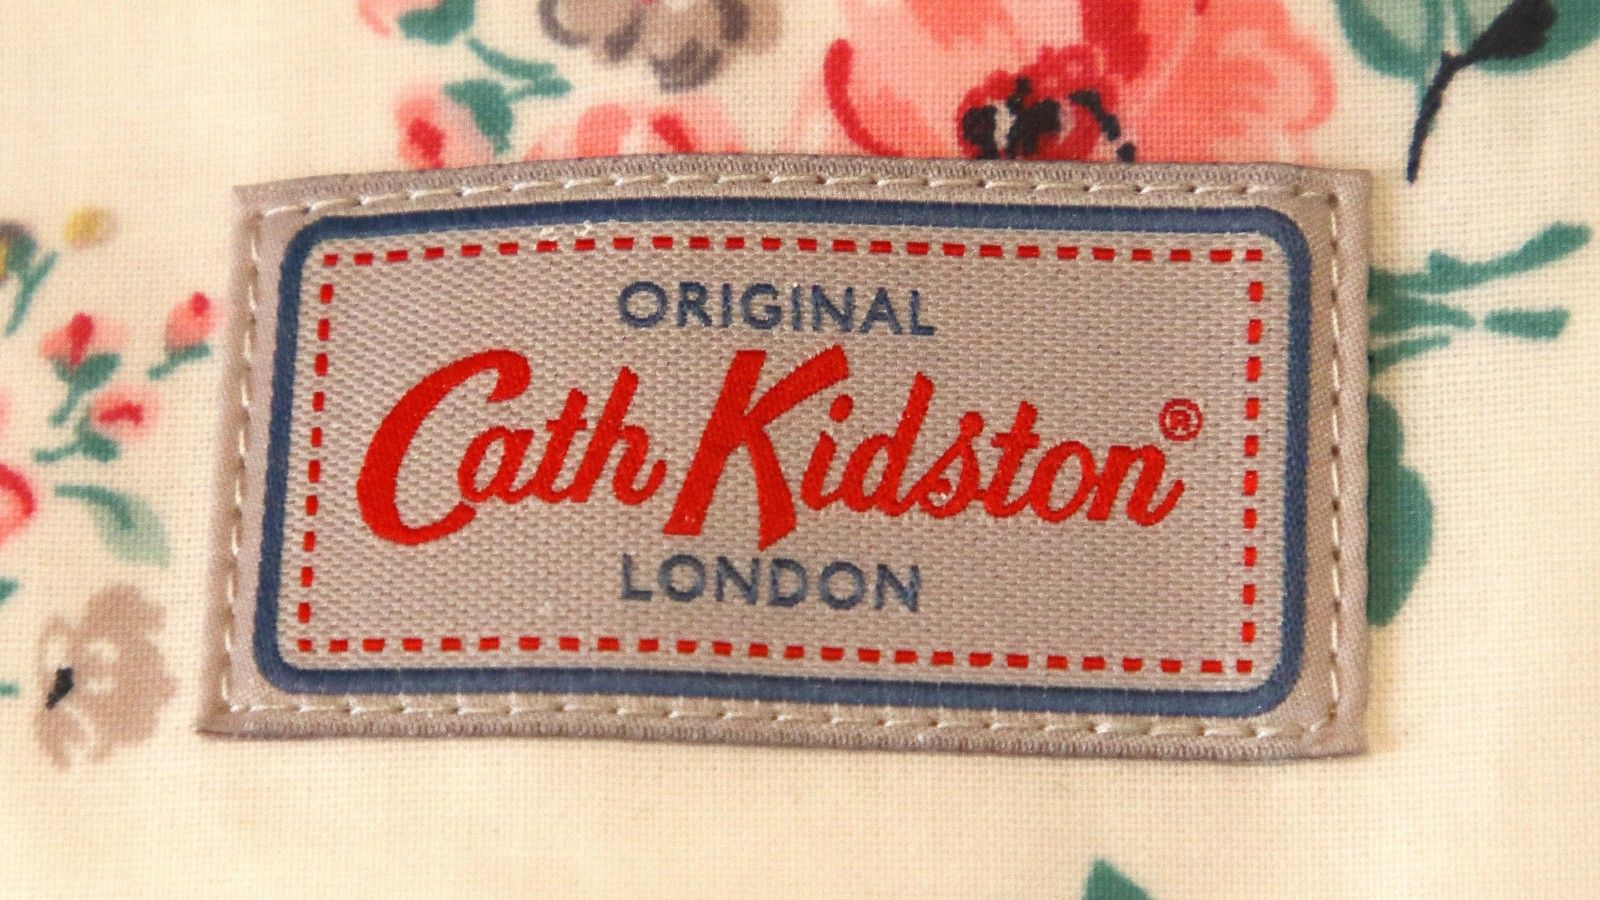 閉店 キャス キッドソン